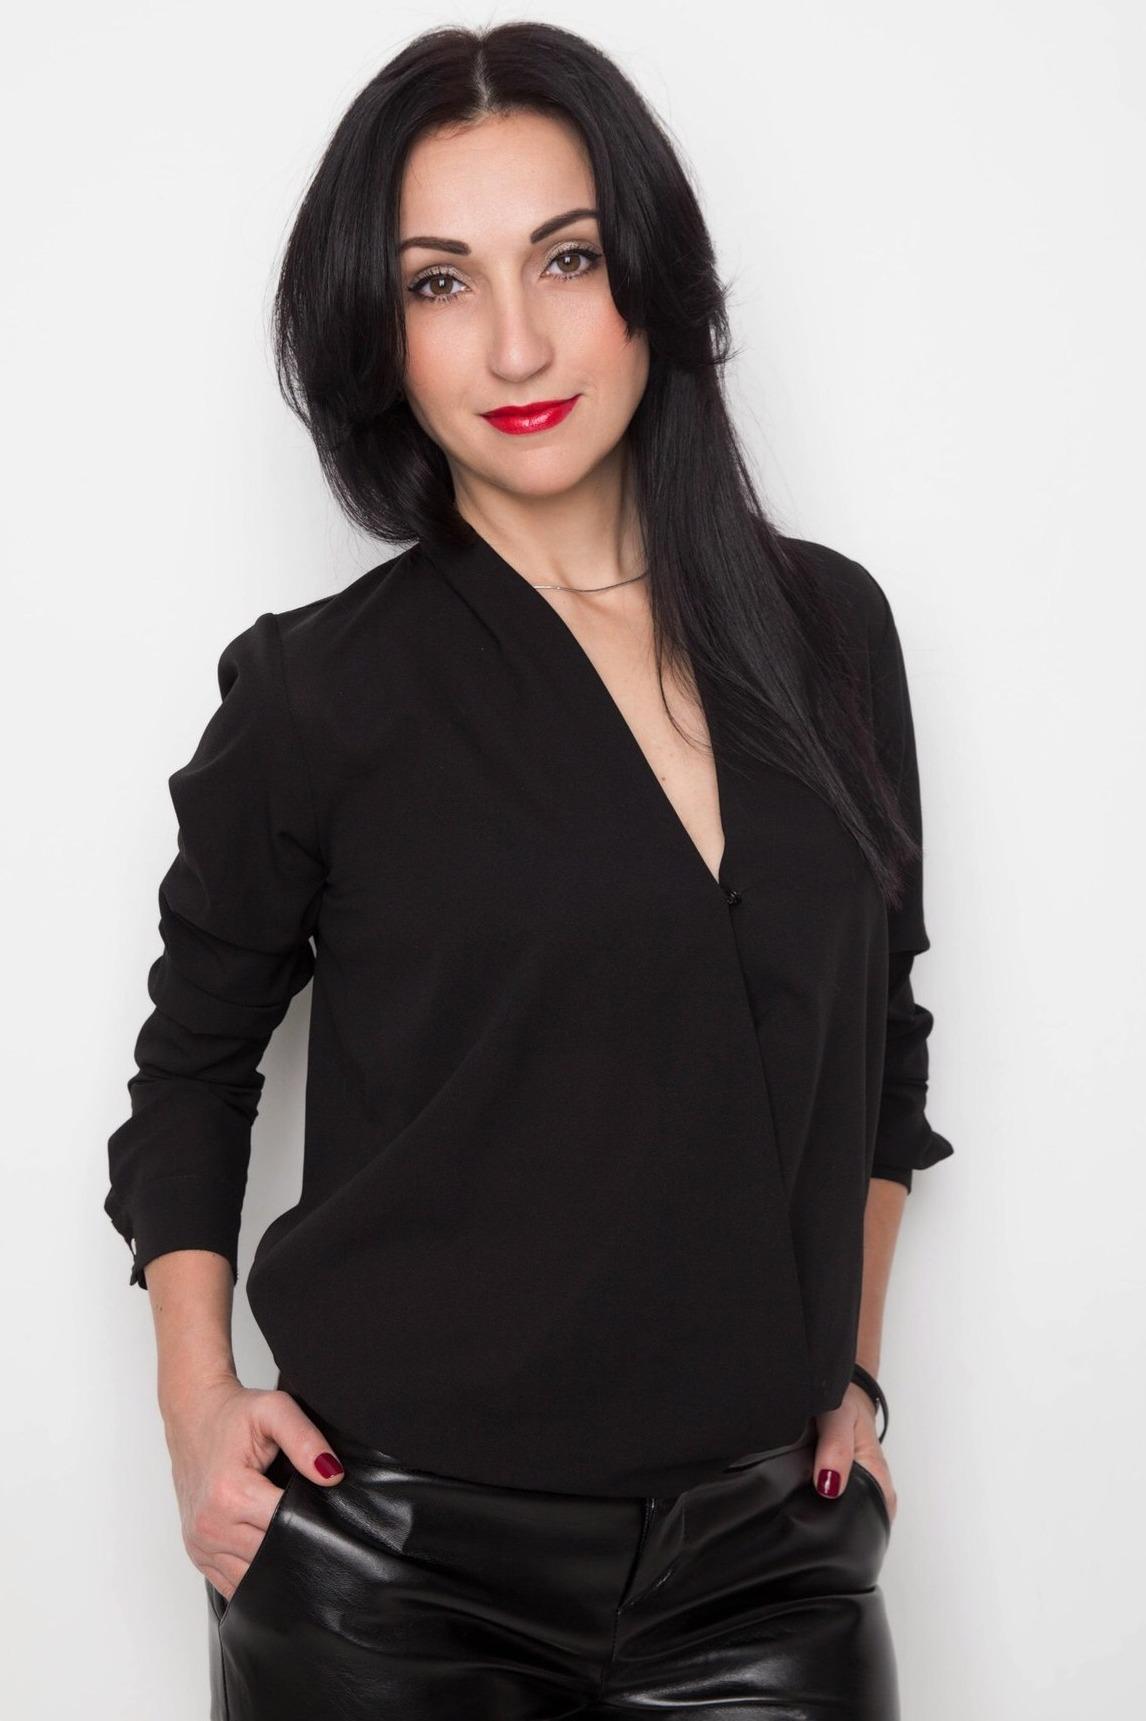 Agence matrimoniale rencontre de Elena  femme célibataire de 43 ans, Auxerre.